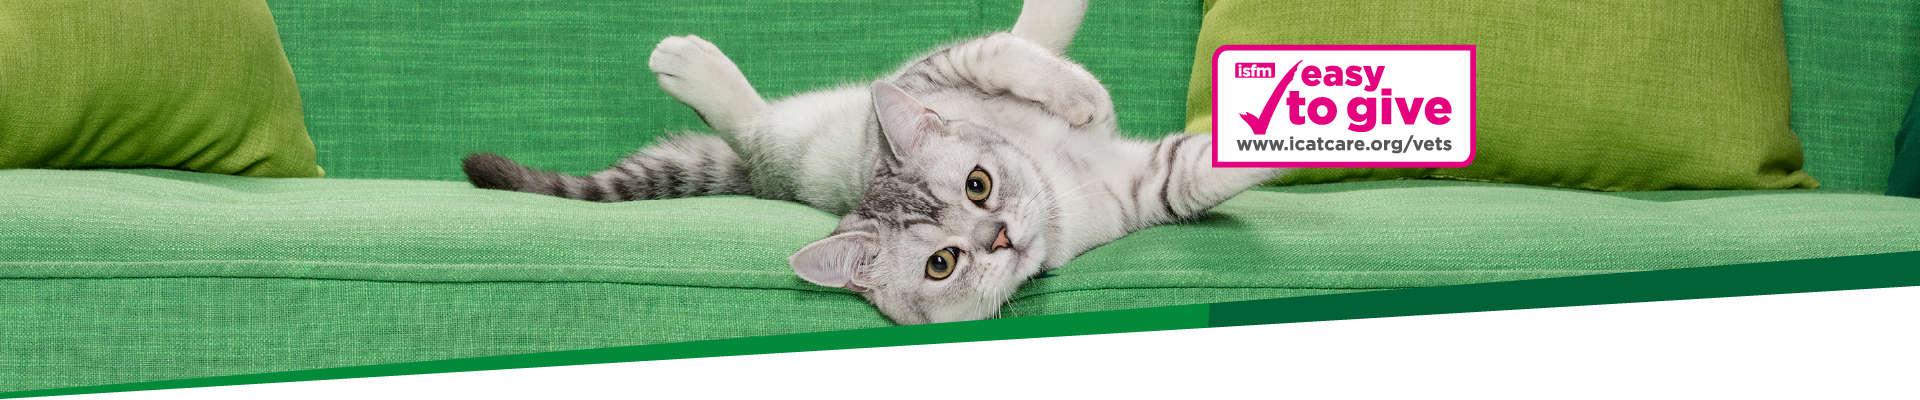 Credelio-Website-Cat-Header 1920x400L